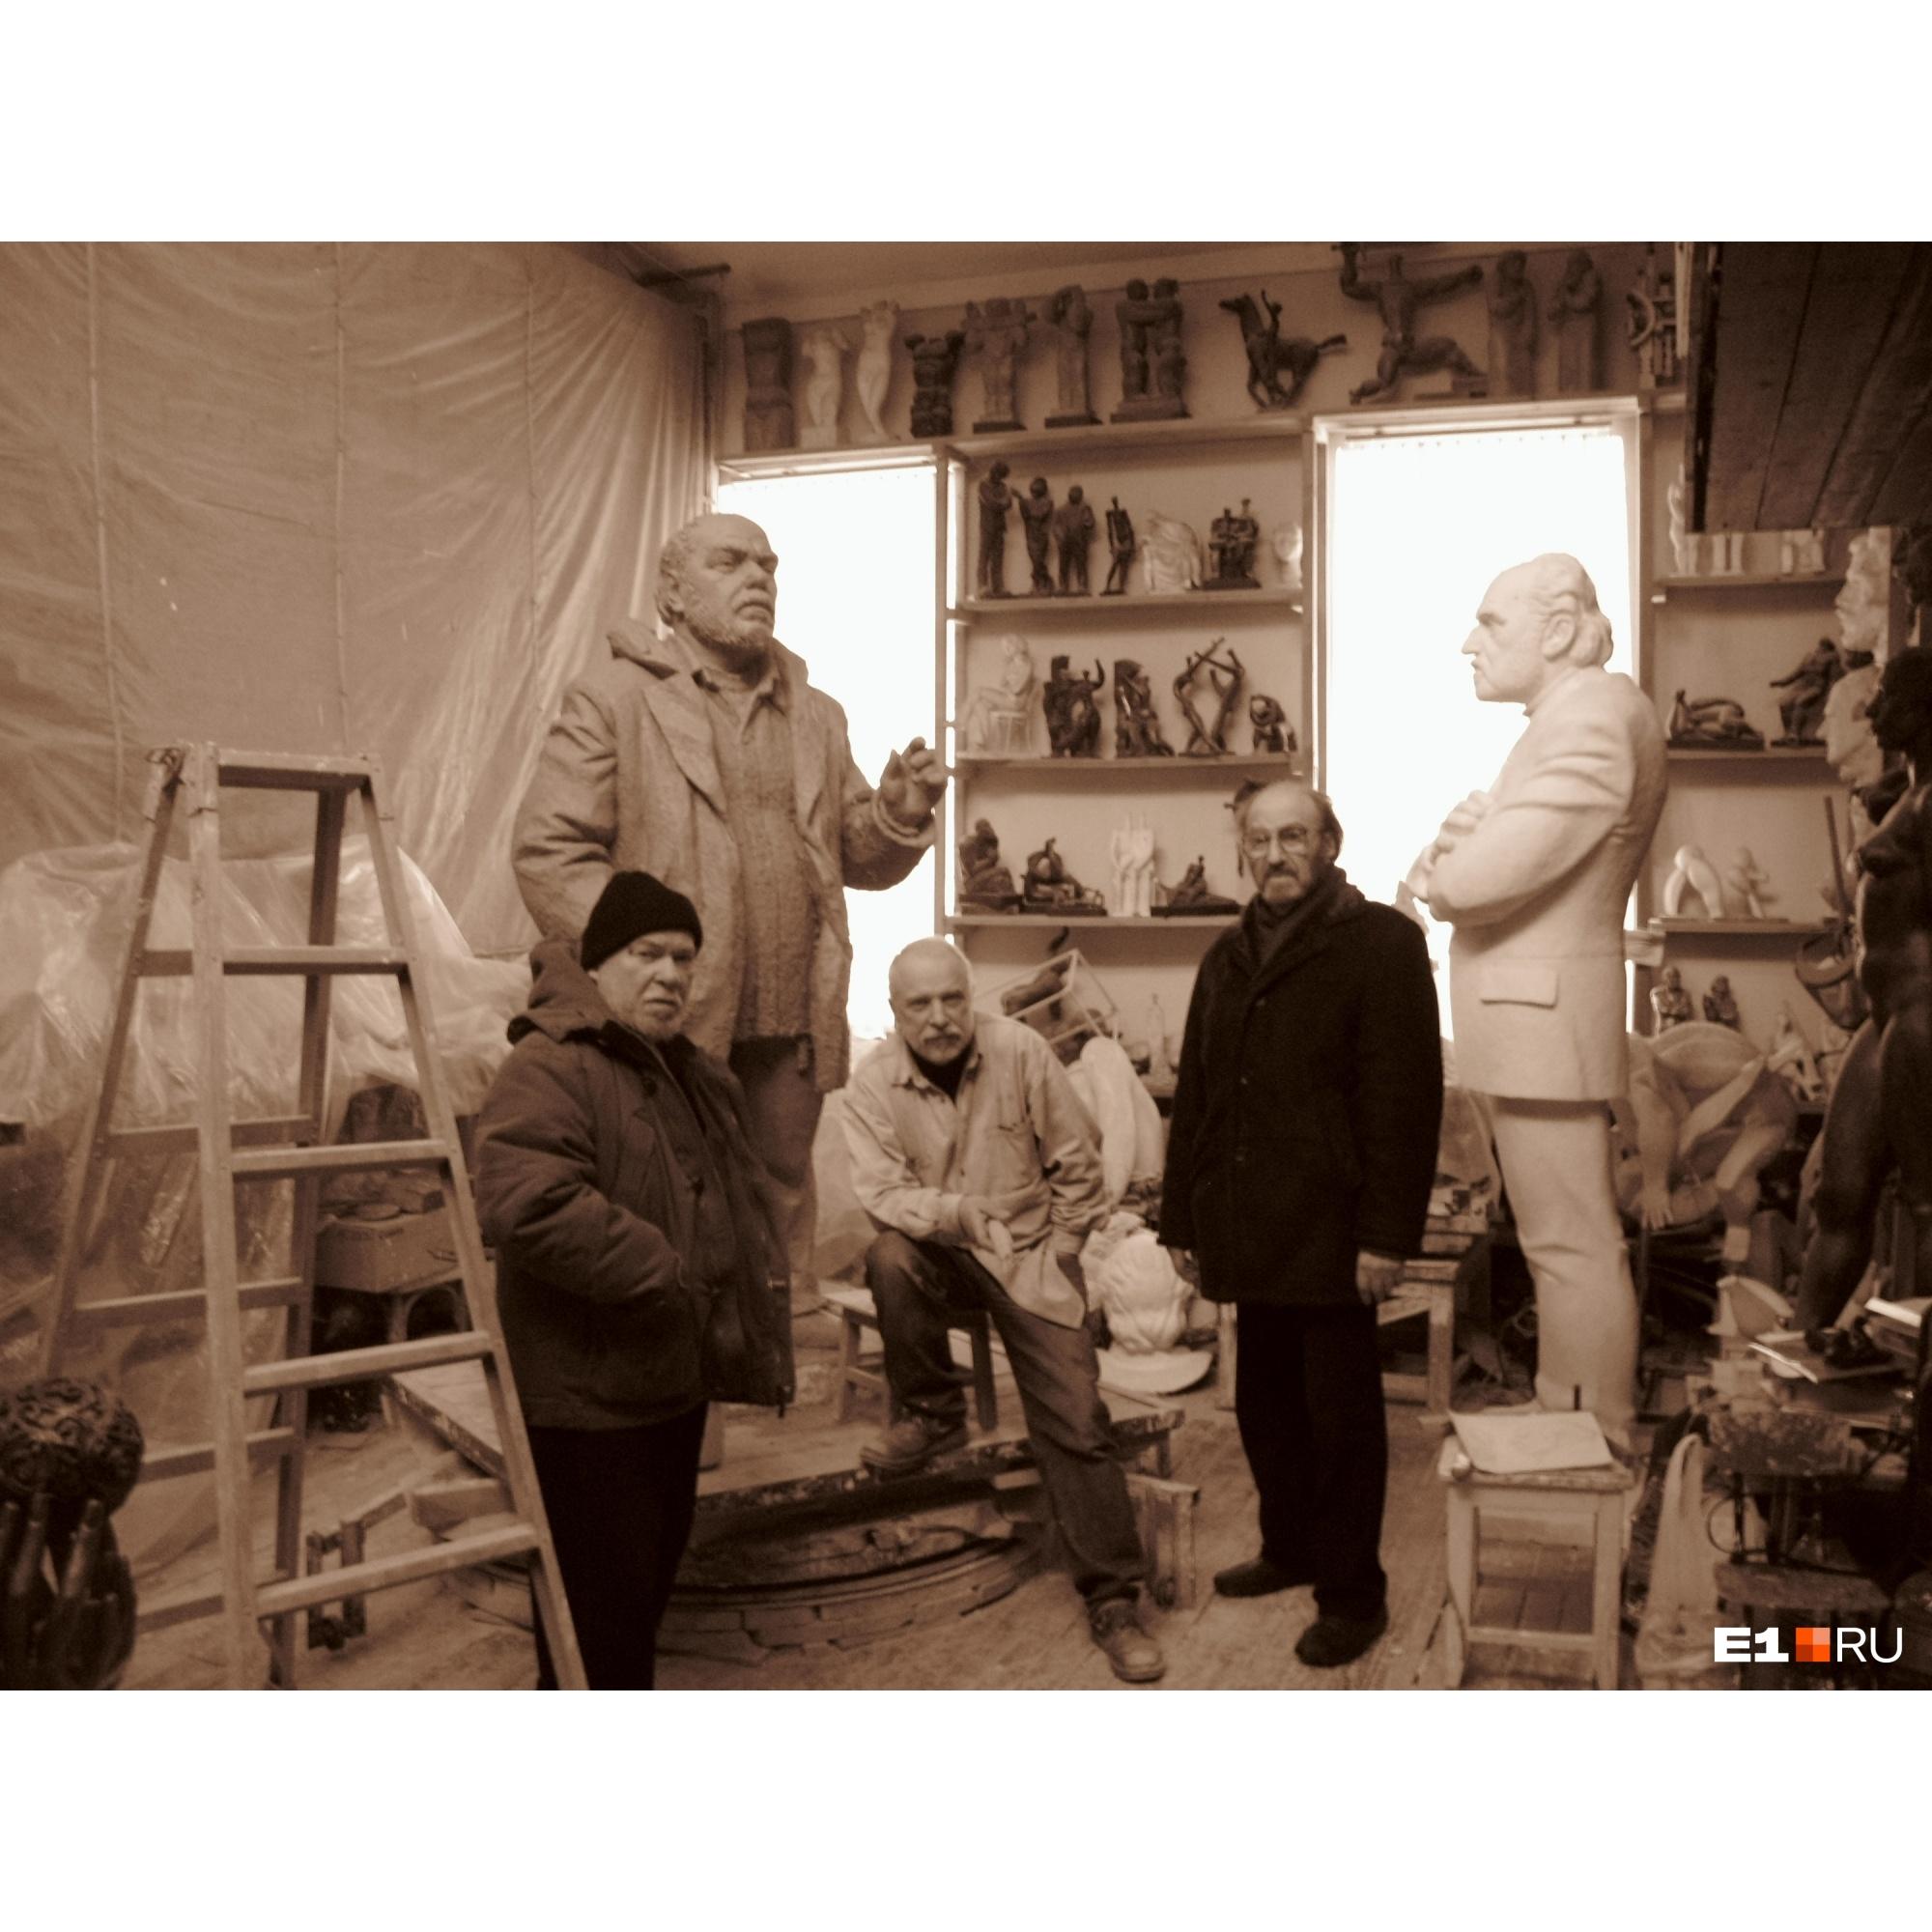 В мастерских работали многие известные художники и скульпторы. На фото: Миша Брусиловский, Андрей Антонов, Виталий Волович